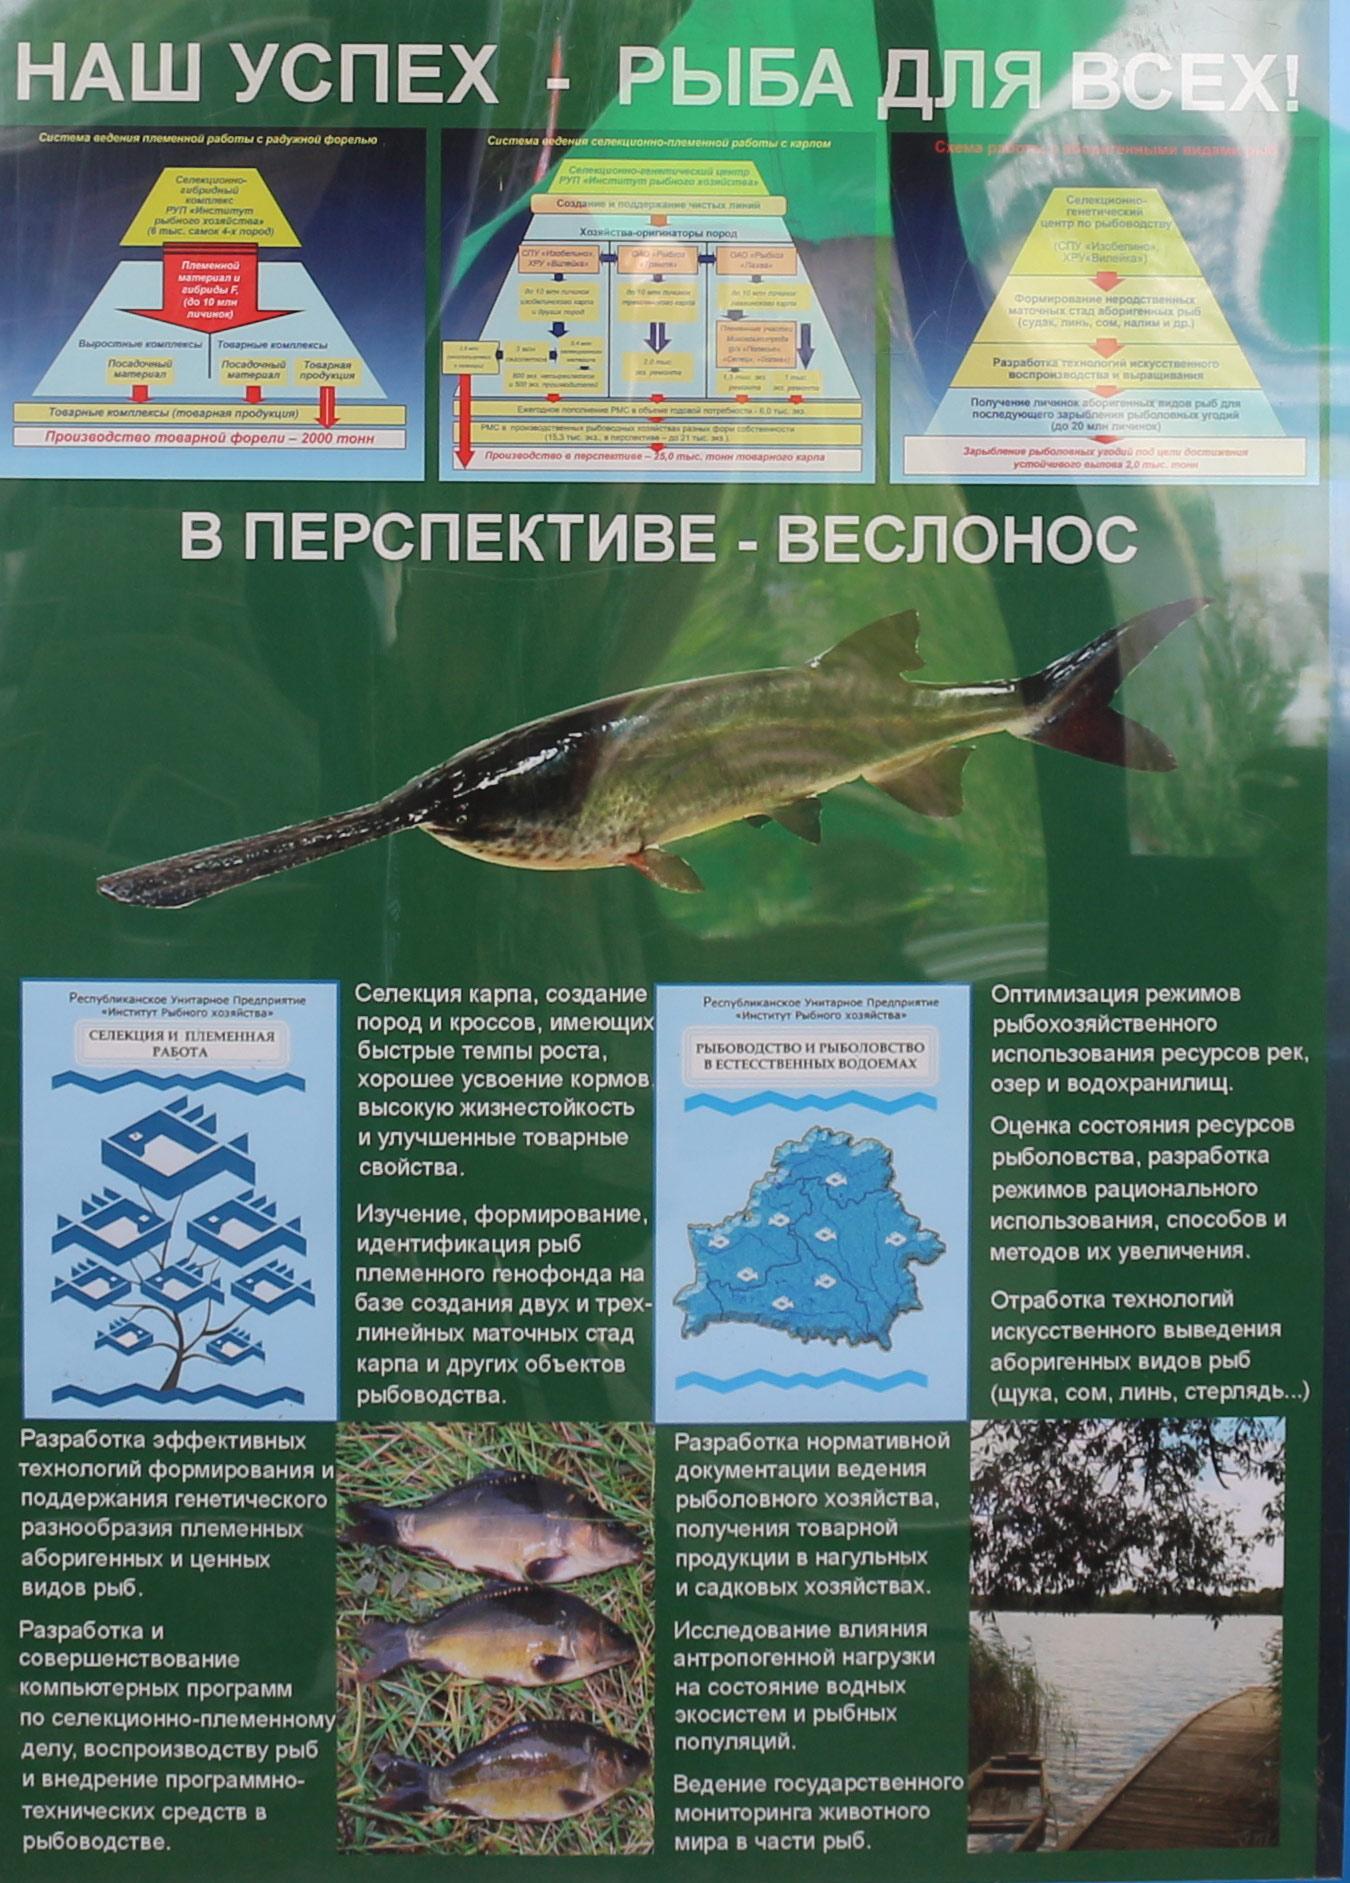 Институт рыбного хозяйства. Селекция и племенная работа